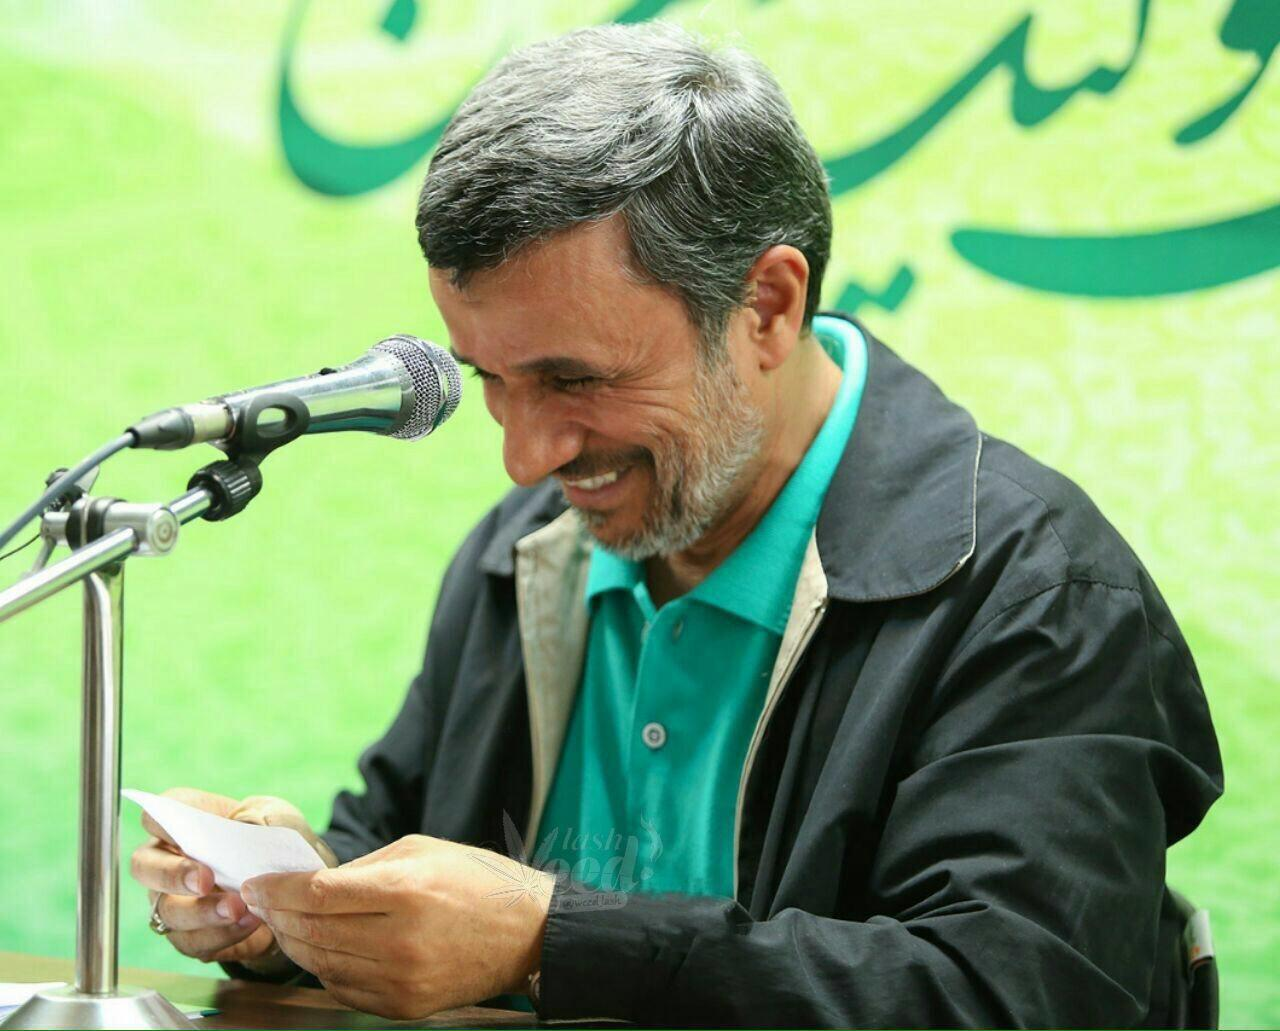 احمدی نژاد reza_netboy